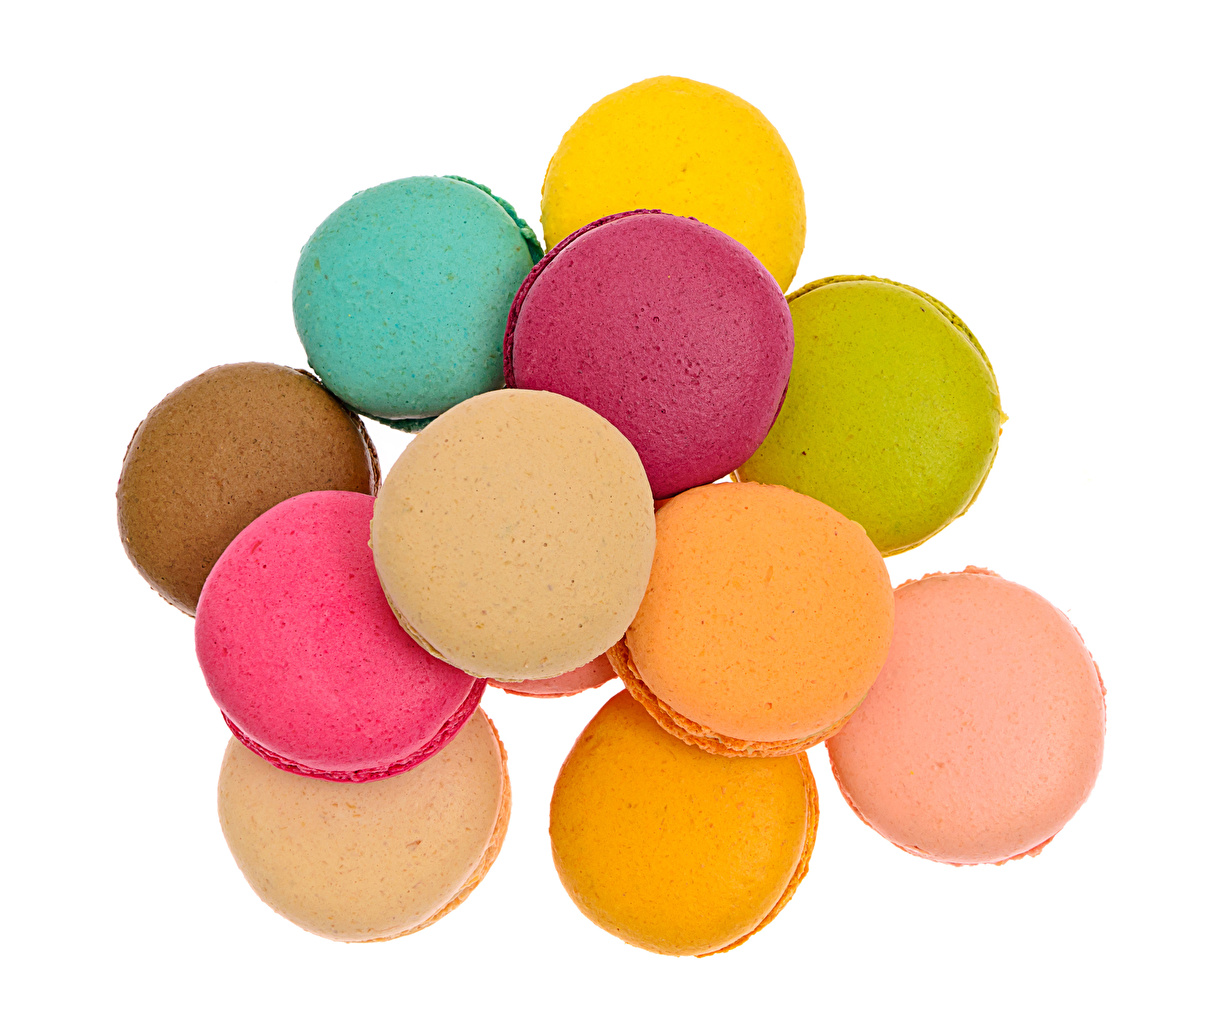 Bilder von Macaron Mehrfarbige das Essen Weißer hintergrund macarons Bunte Lebensmittel